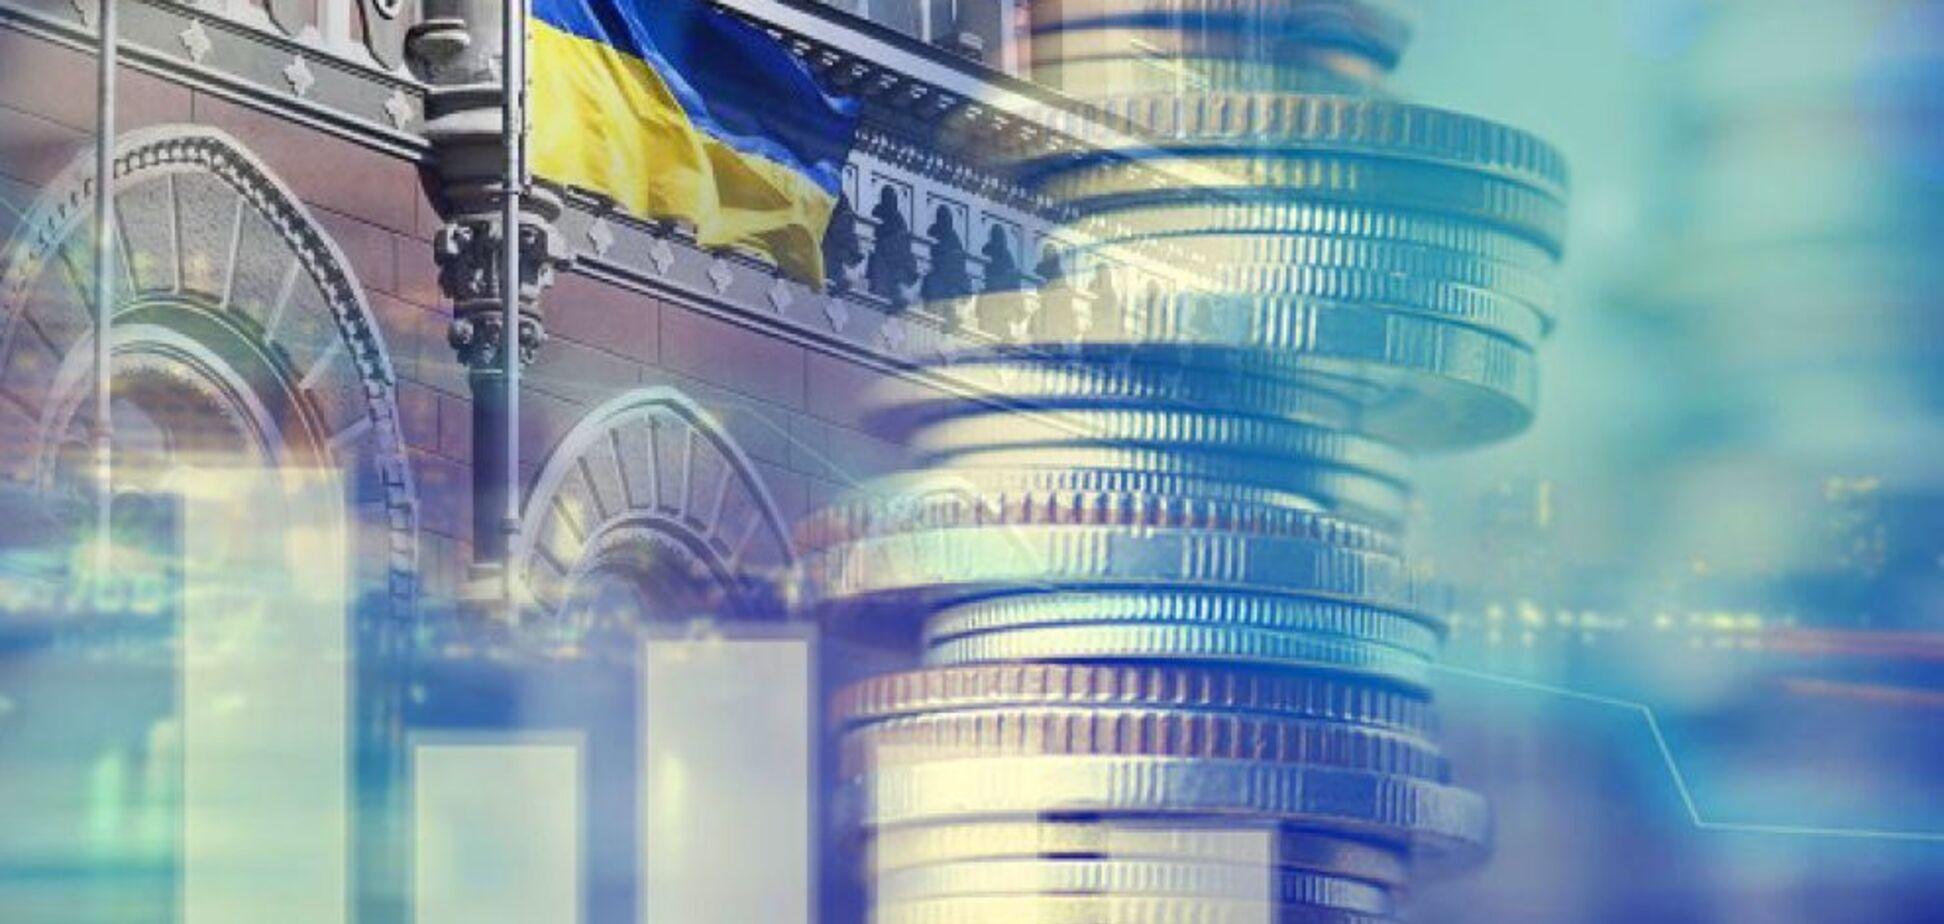 Шмыгаль назвал дату, когда Украина подпишет меморандум с ЕС о кредите на 1,2 млрд евро